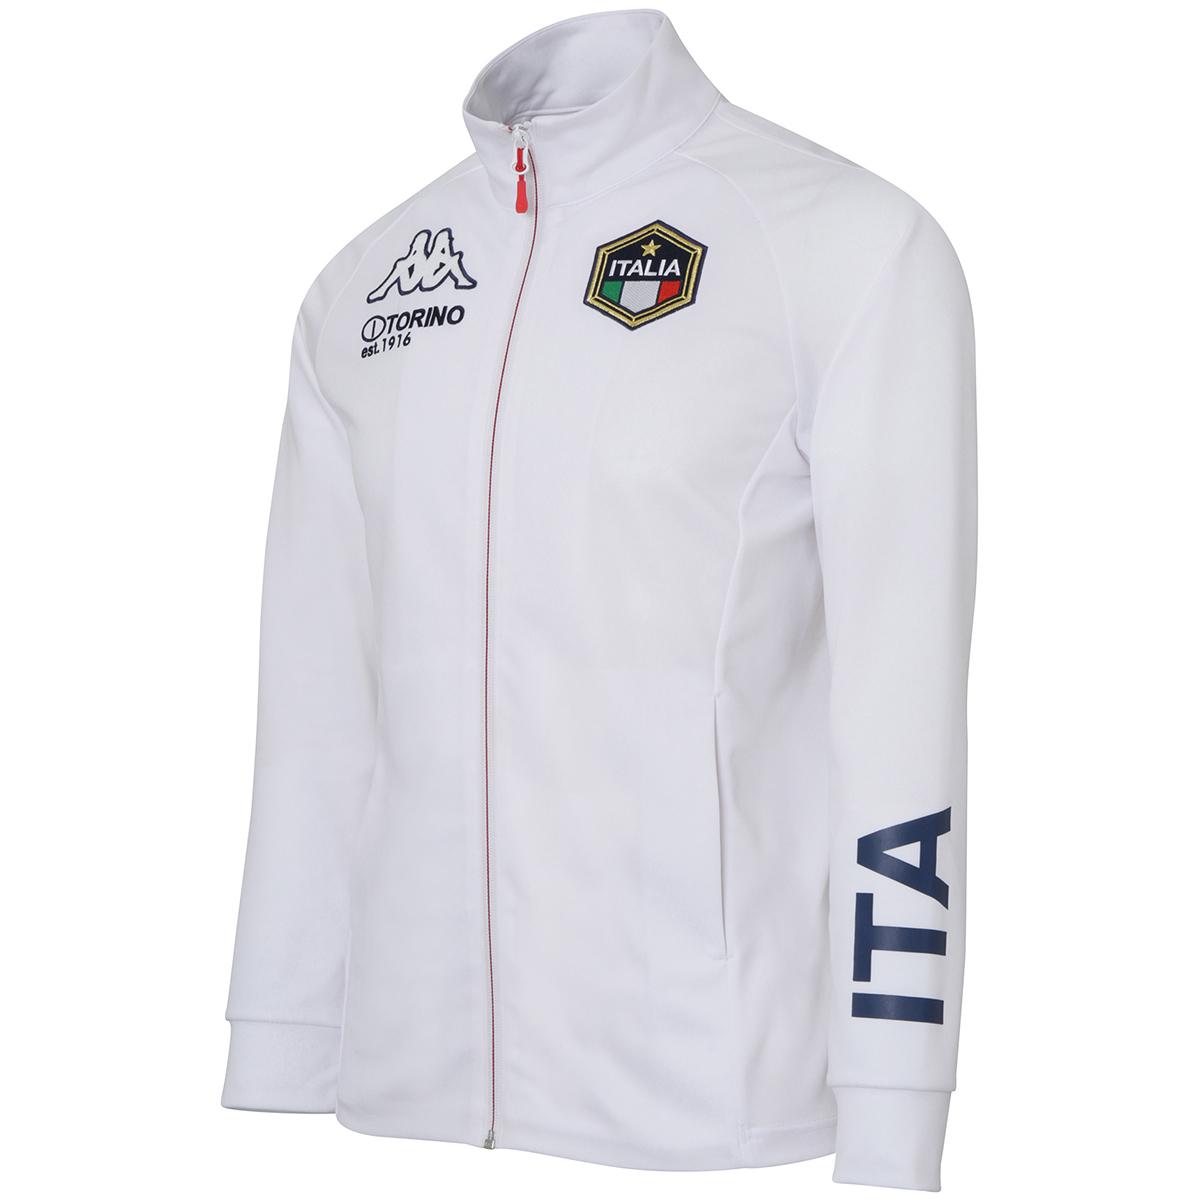 ICONS トレーニングジャケット